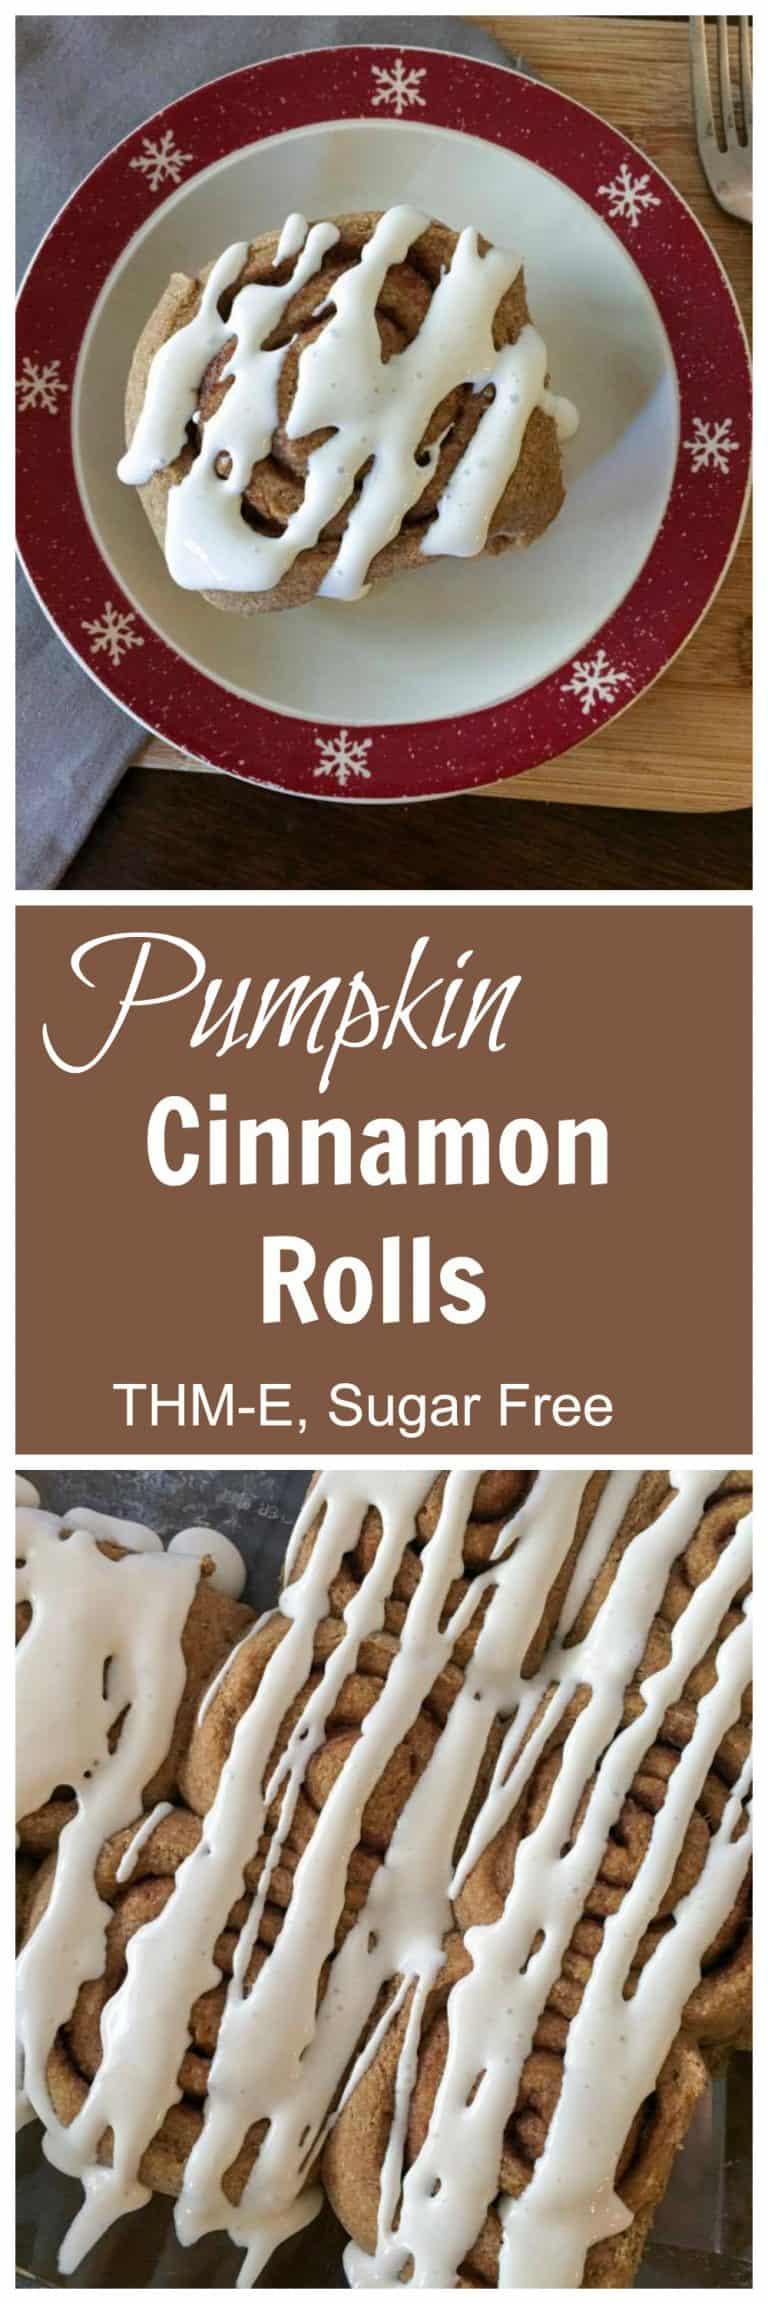 thm-trim healthy mama-sugar free